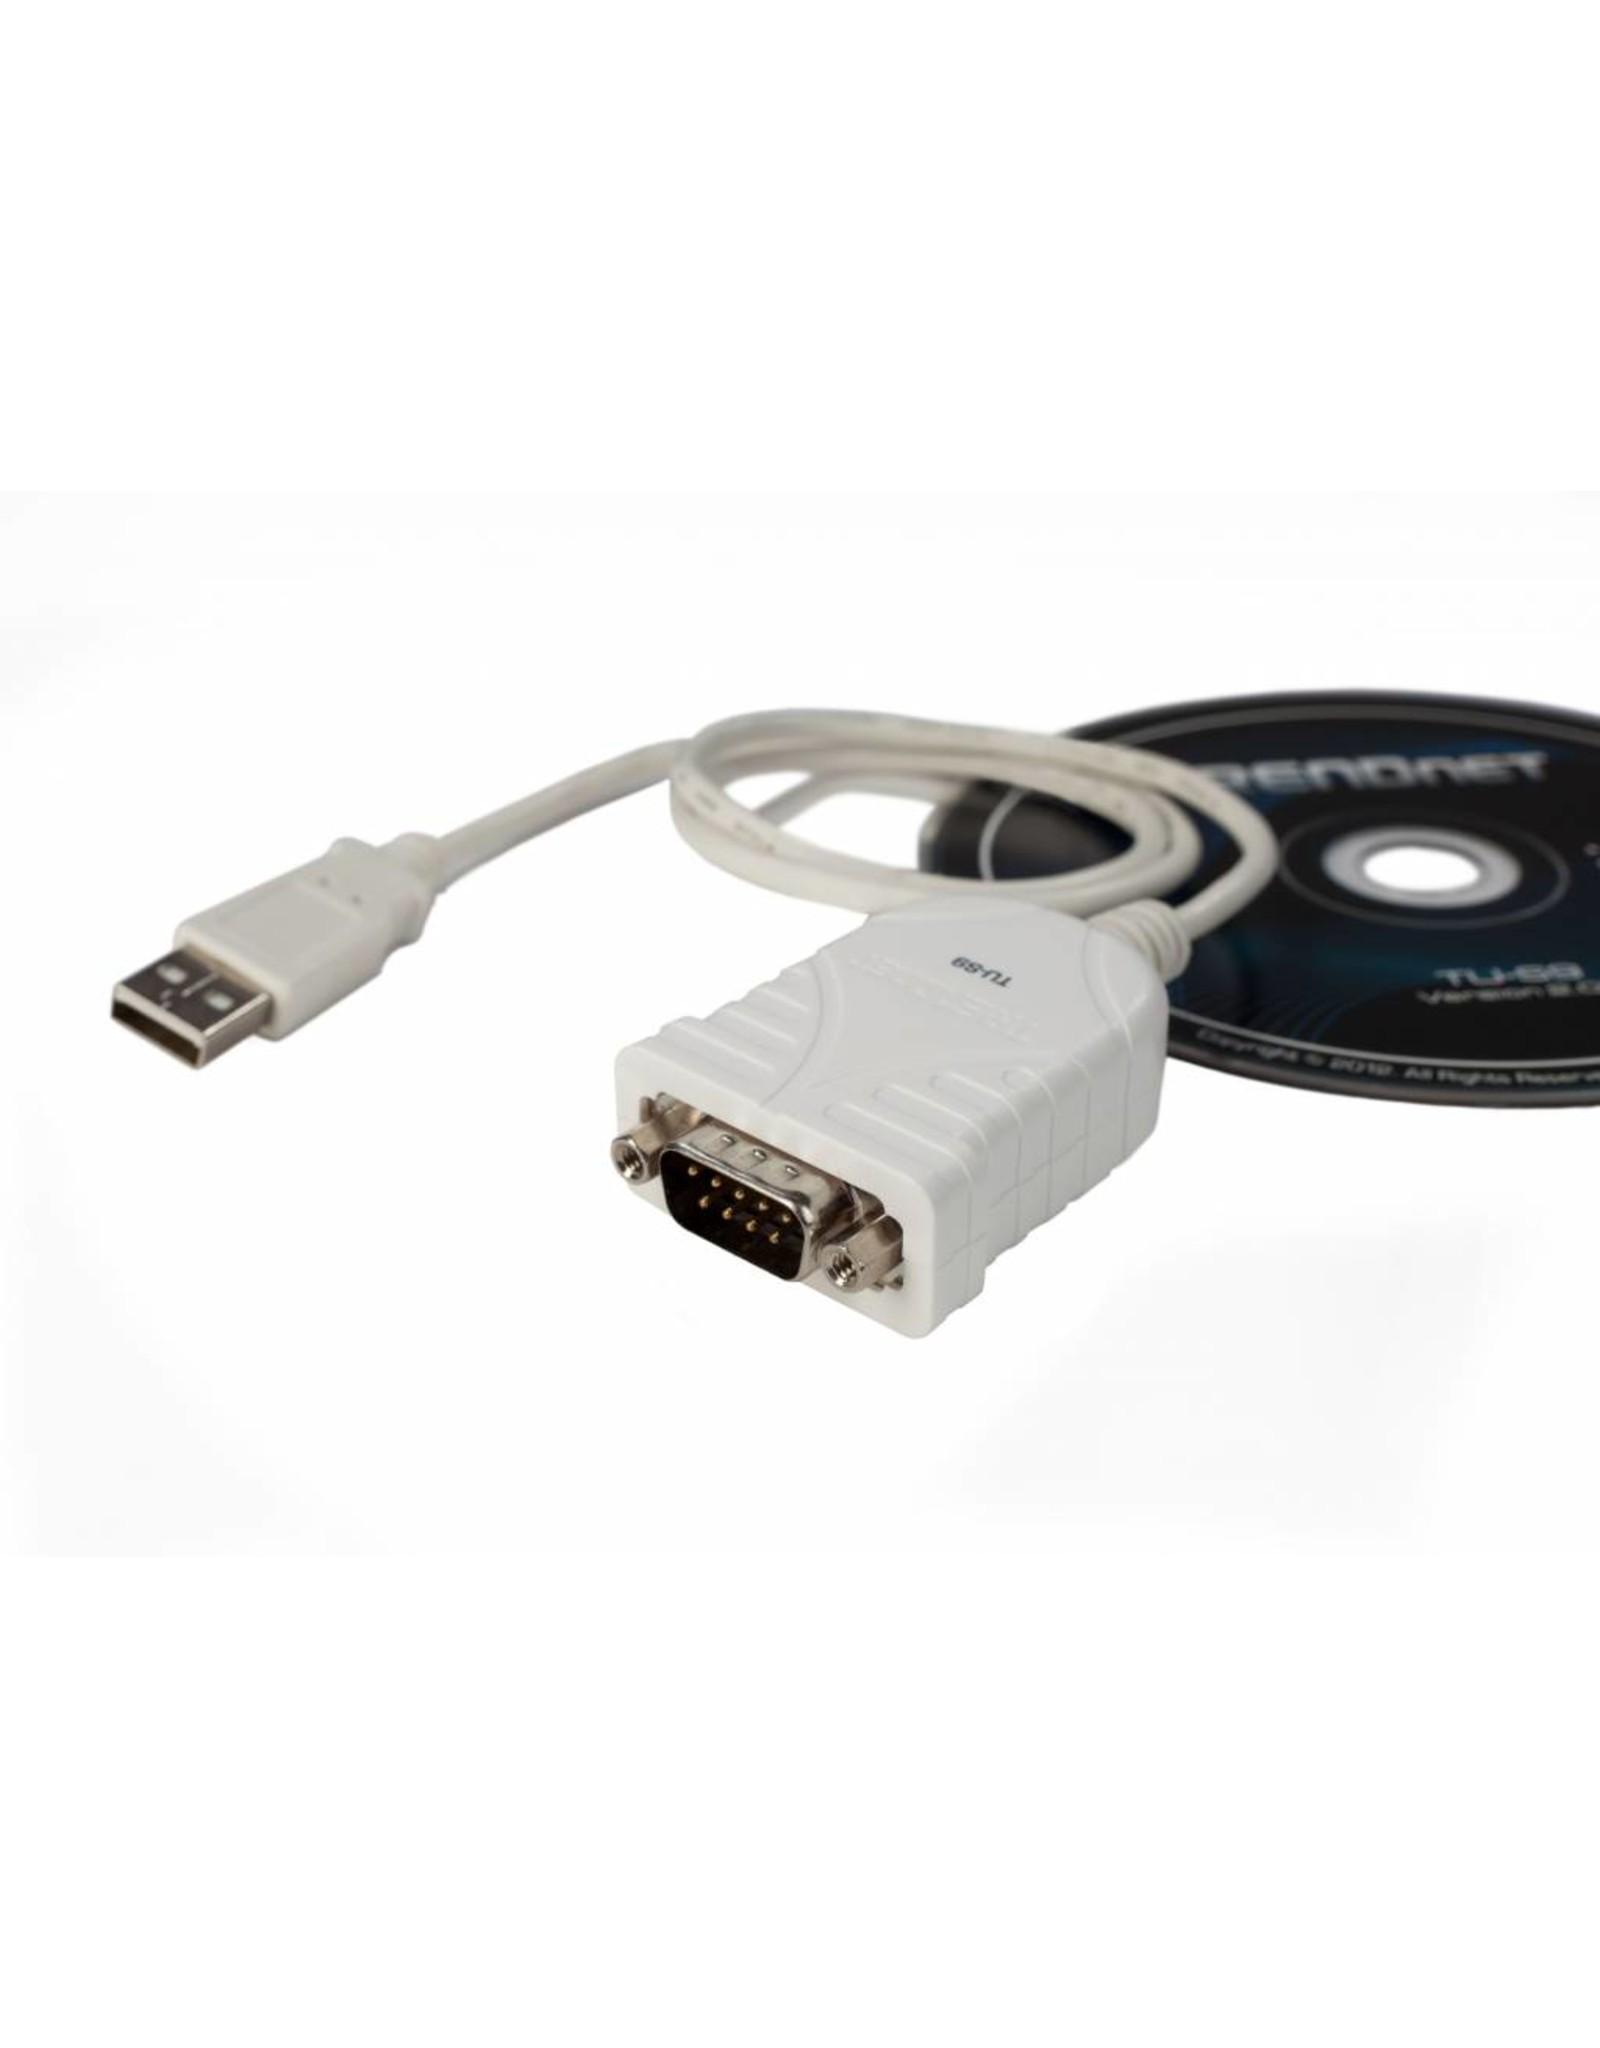 Celestron Celestron USB to RS-232 Converter Cable (Trendnet)